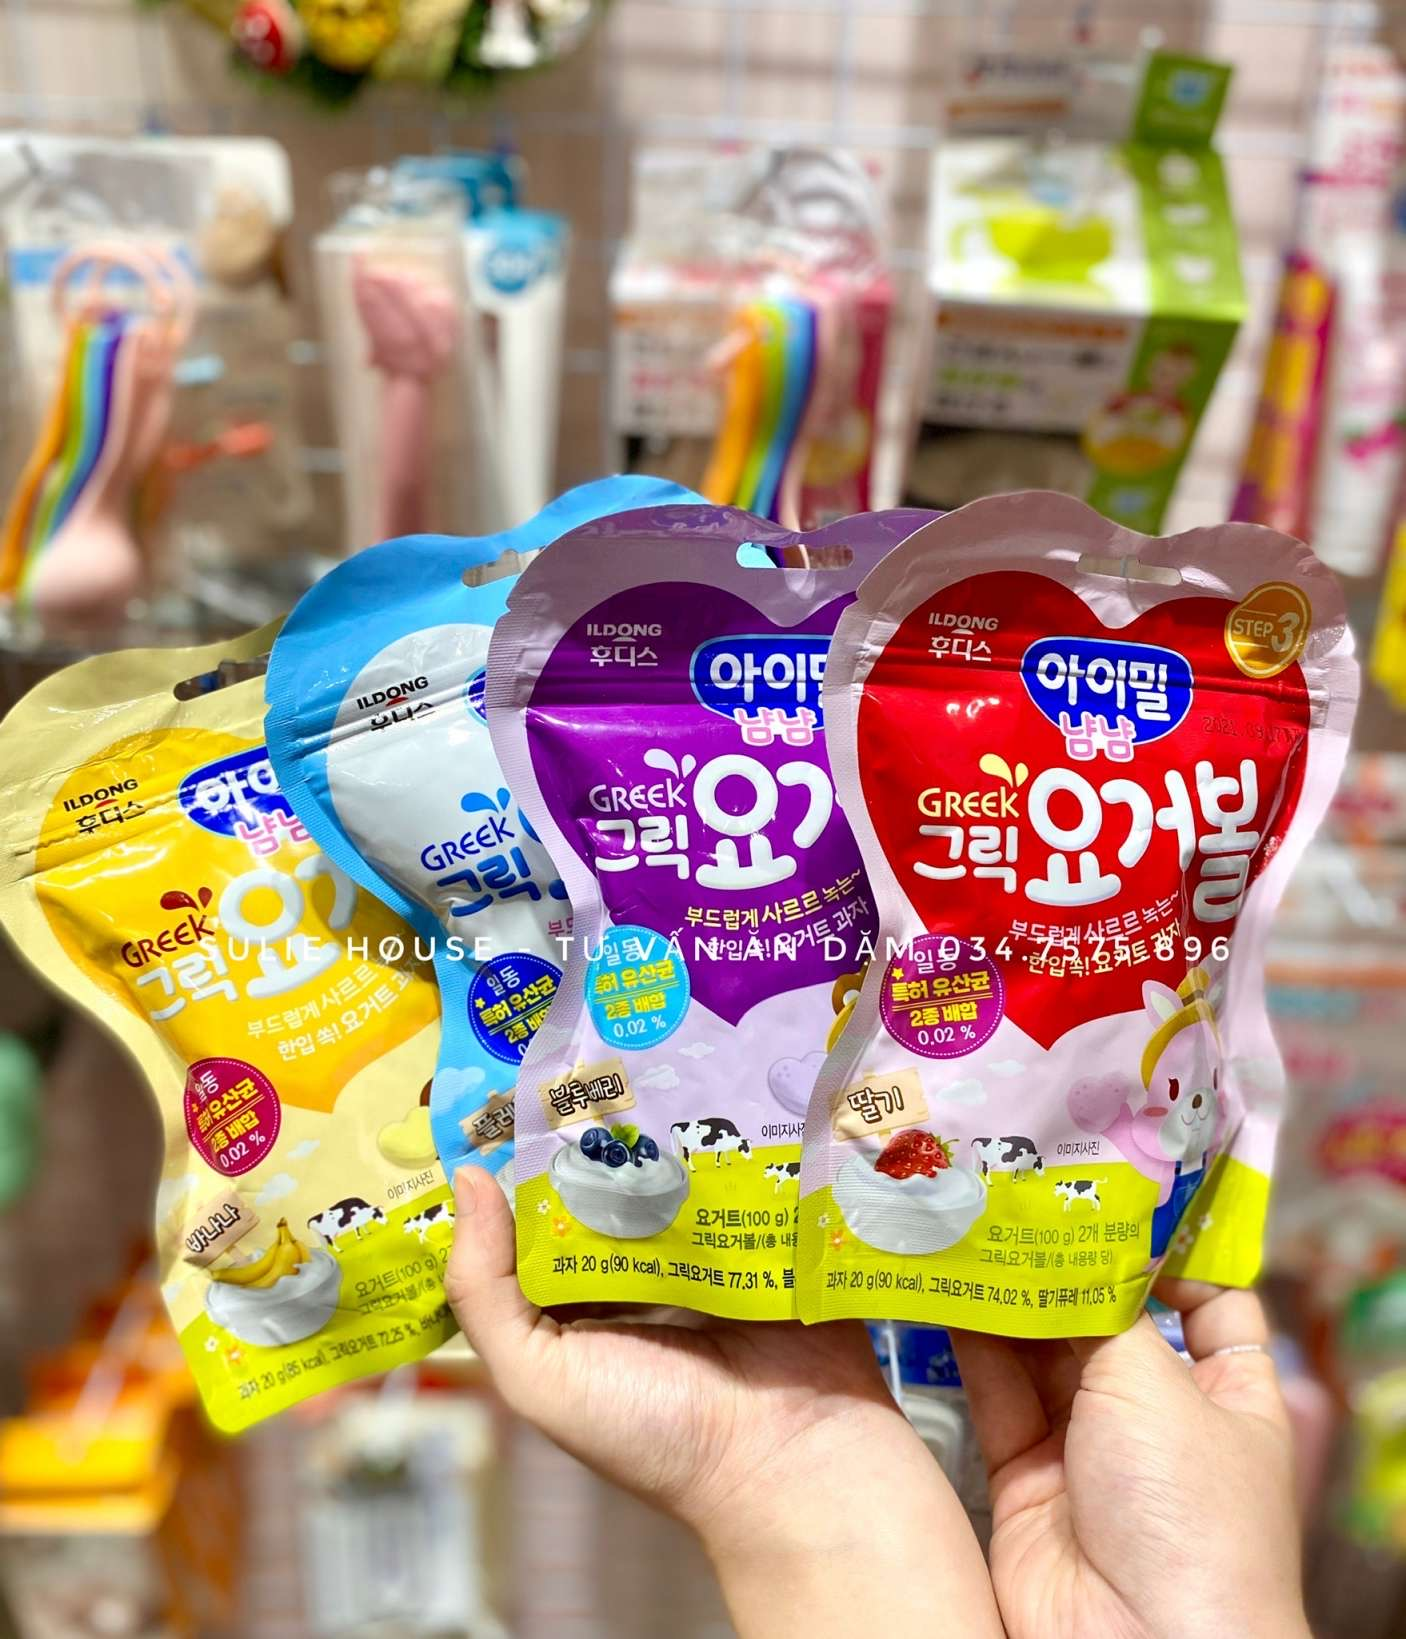 Sữa chua khô ILDONG Hàn Quốc cho bé 7m+ - Sulie House